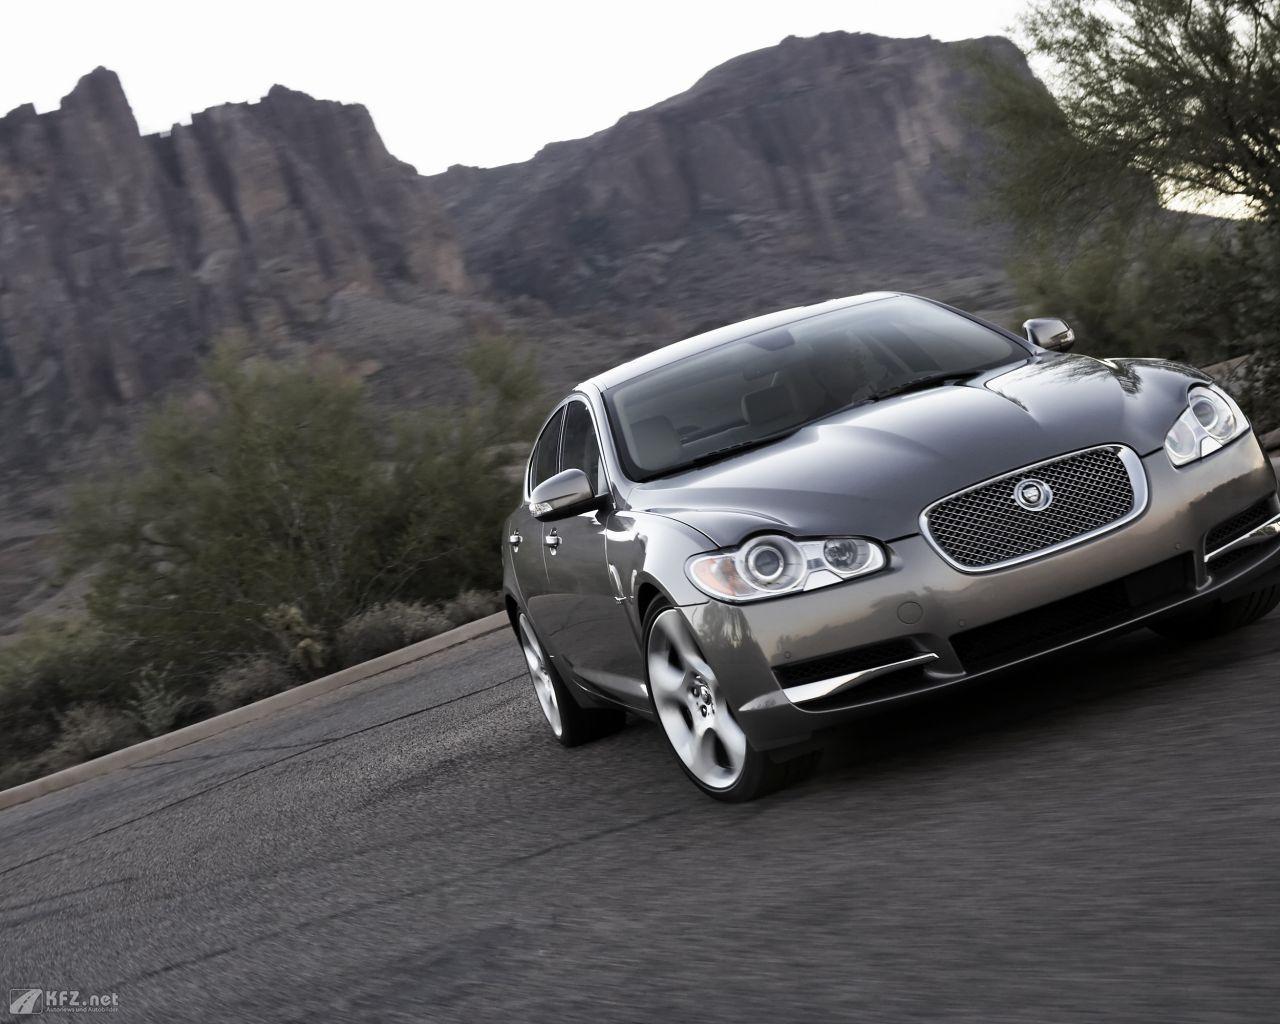 jaguar-xf-1280x1024-111